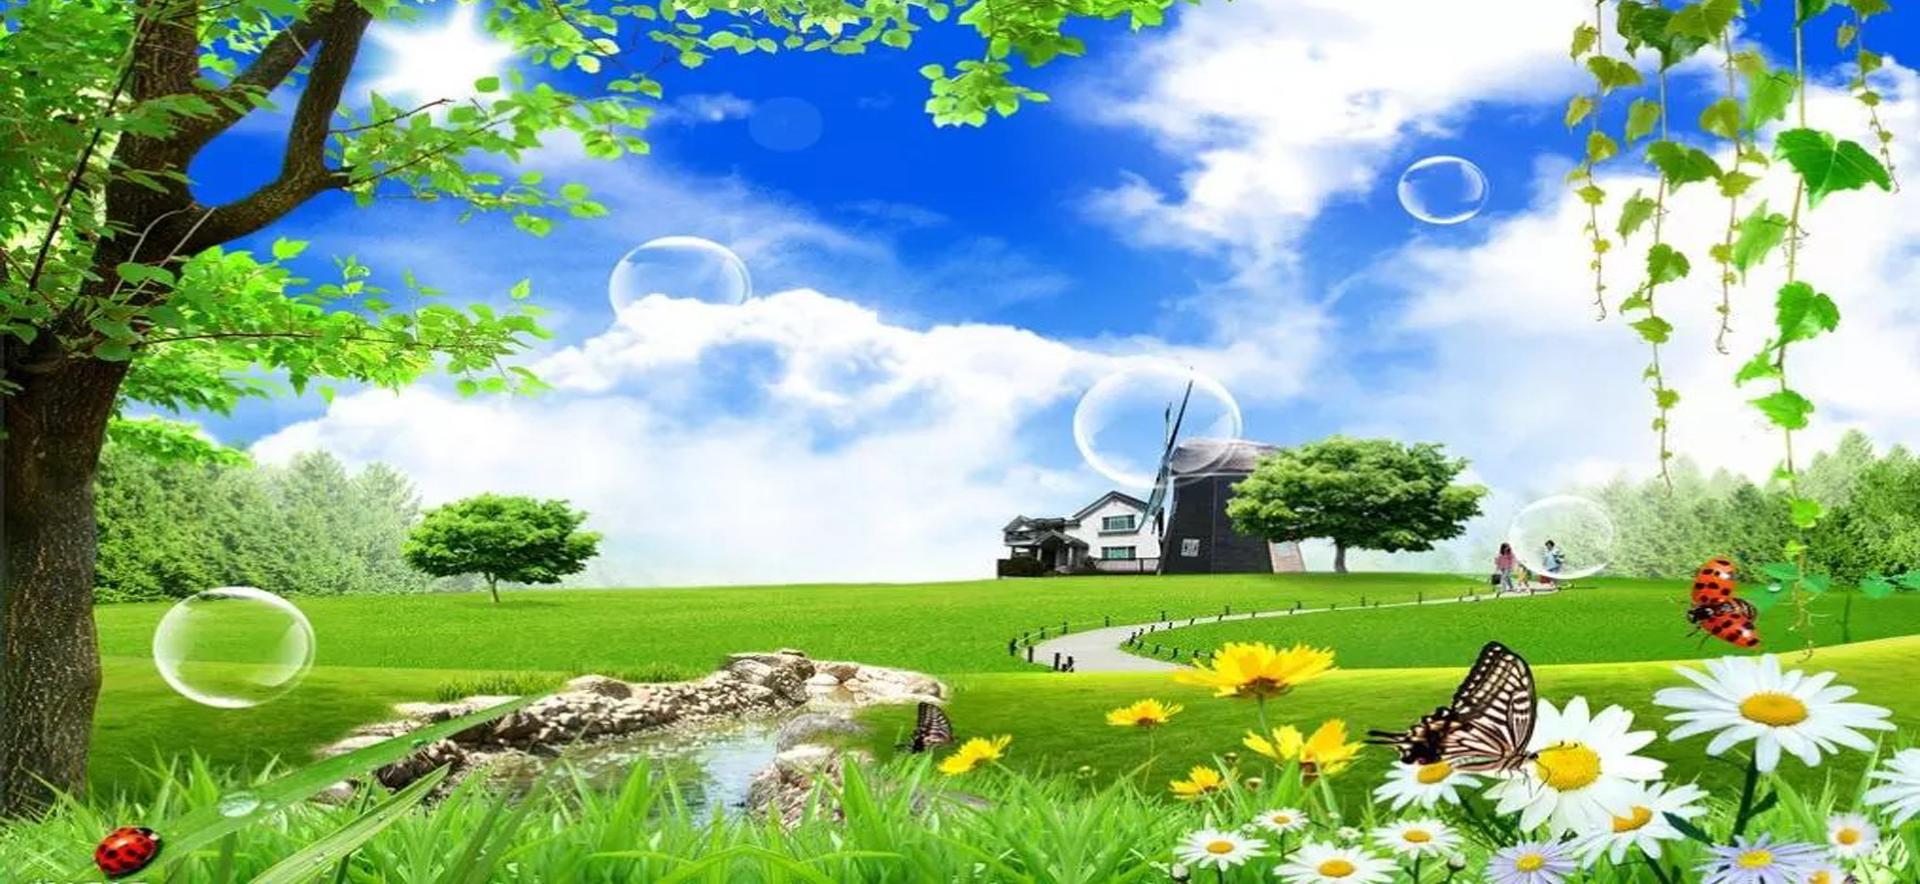 le printemps de paysage le printemps paysage le ciel bleu